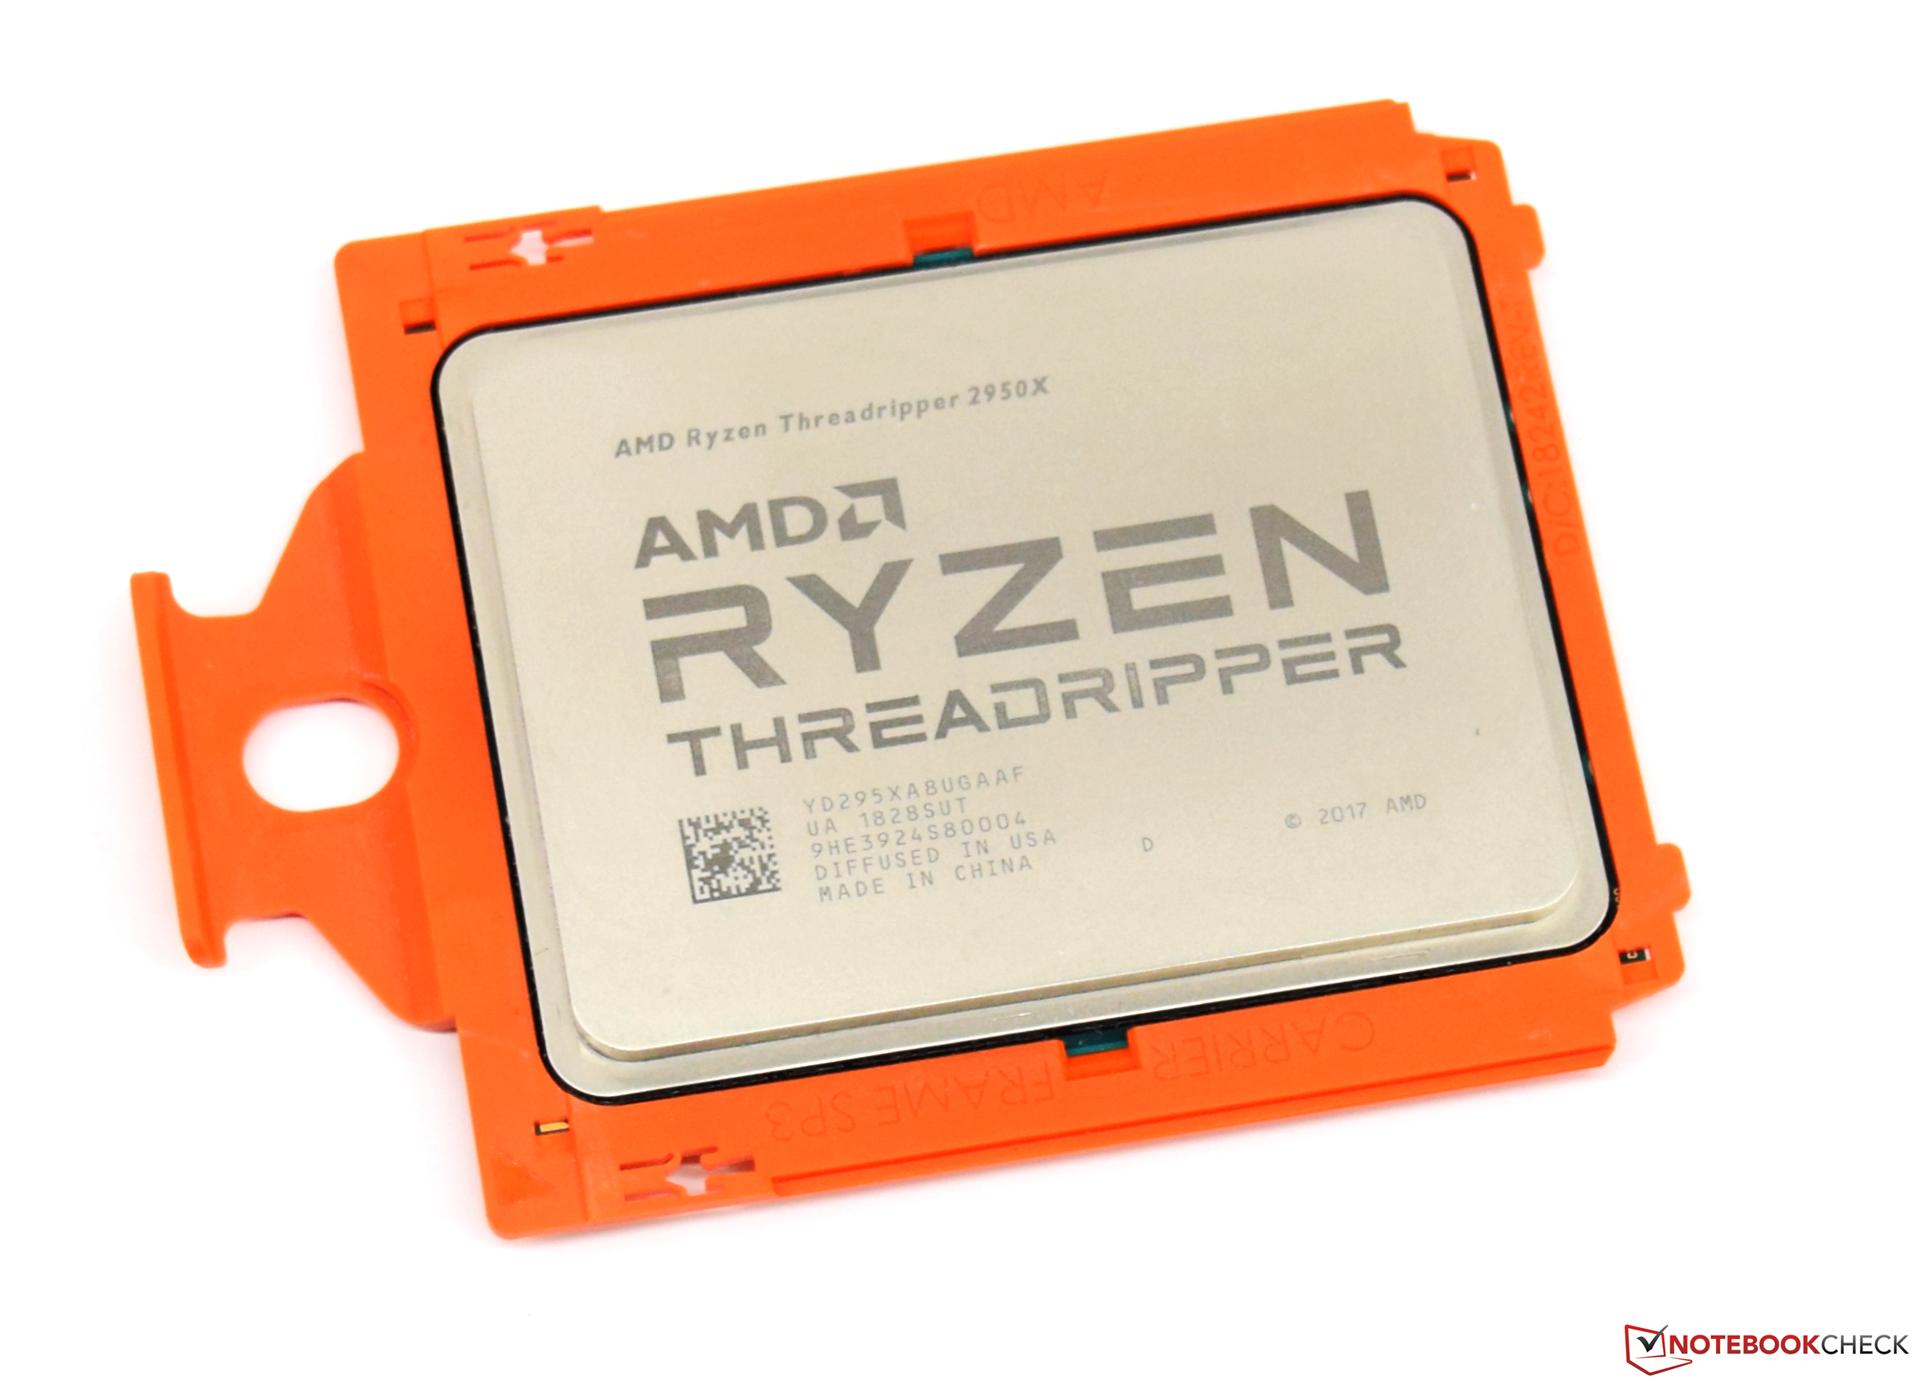 YD295XA8AFWOF AMD Ryzen Threadripper 2950X Processor